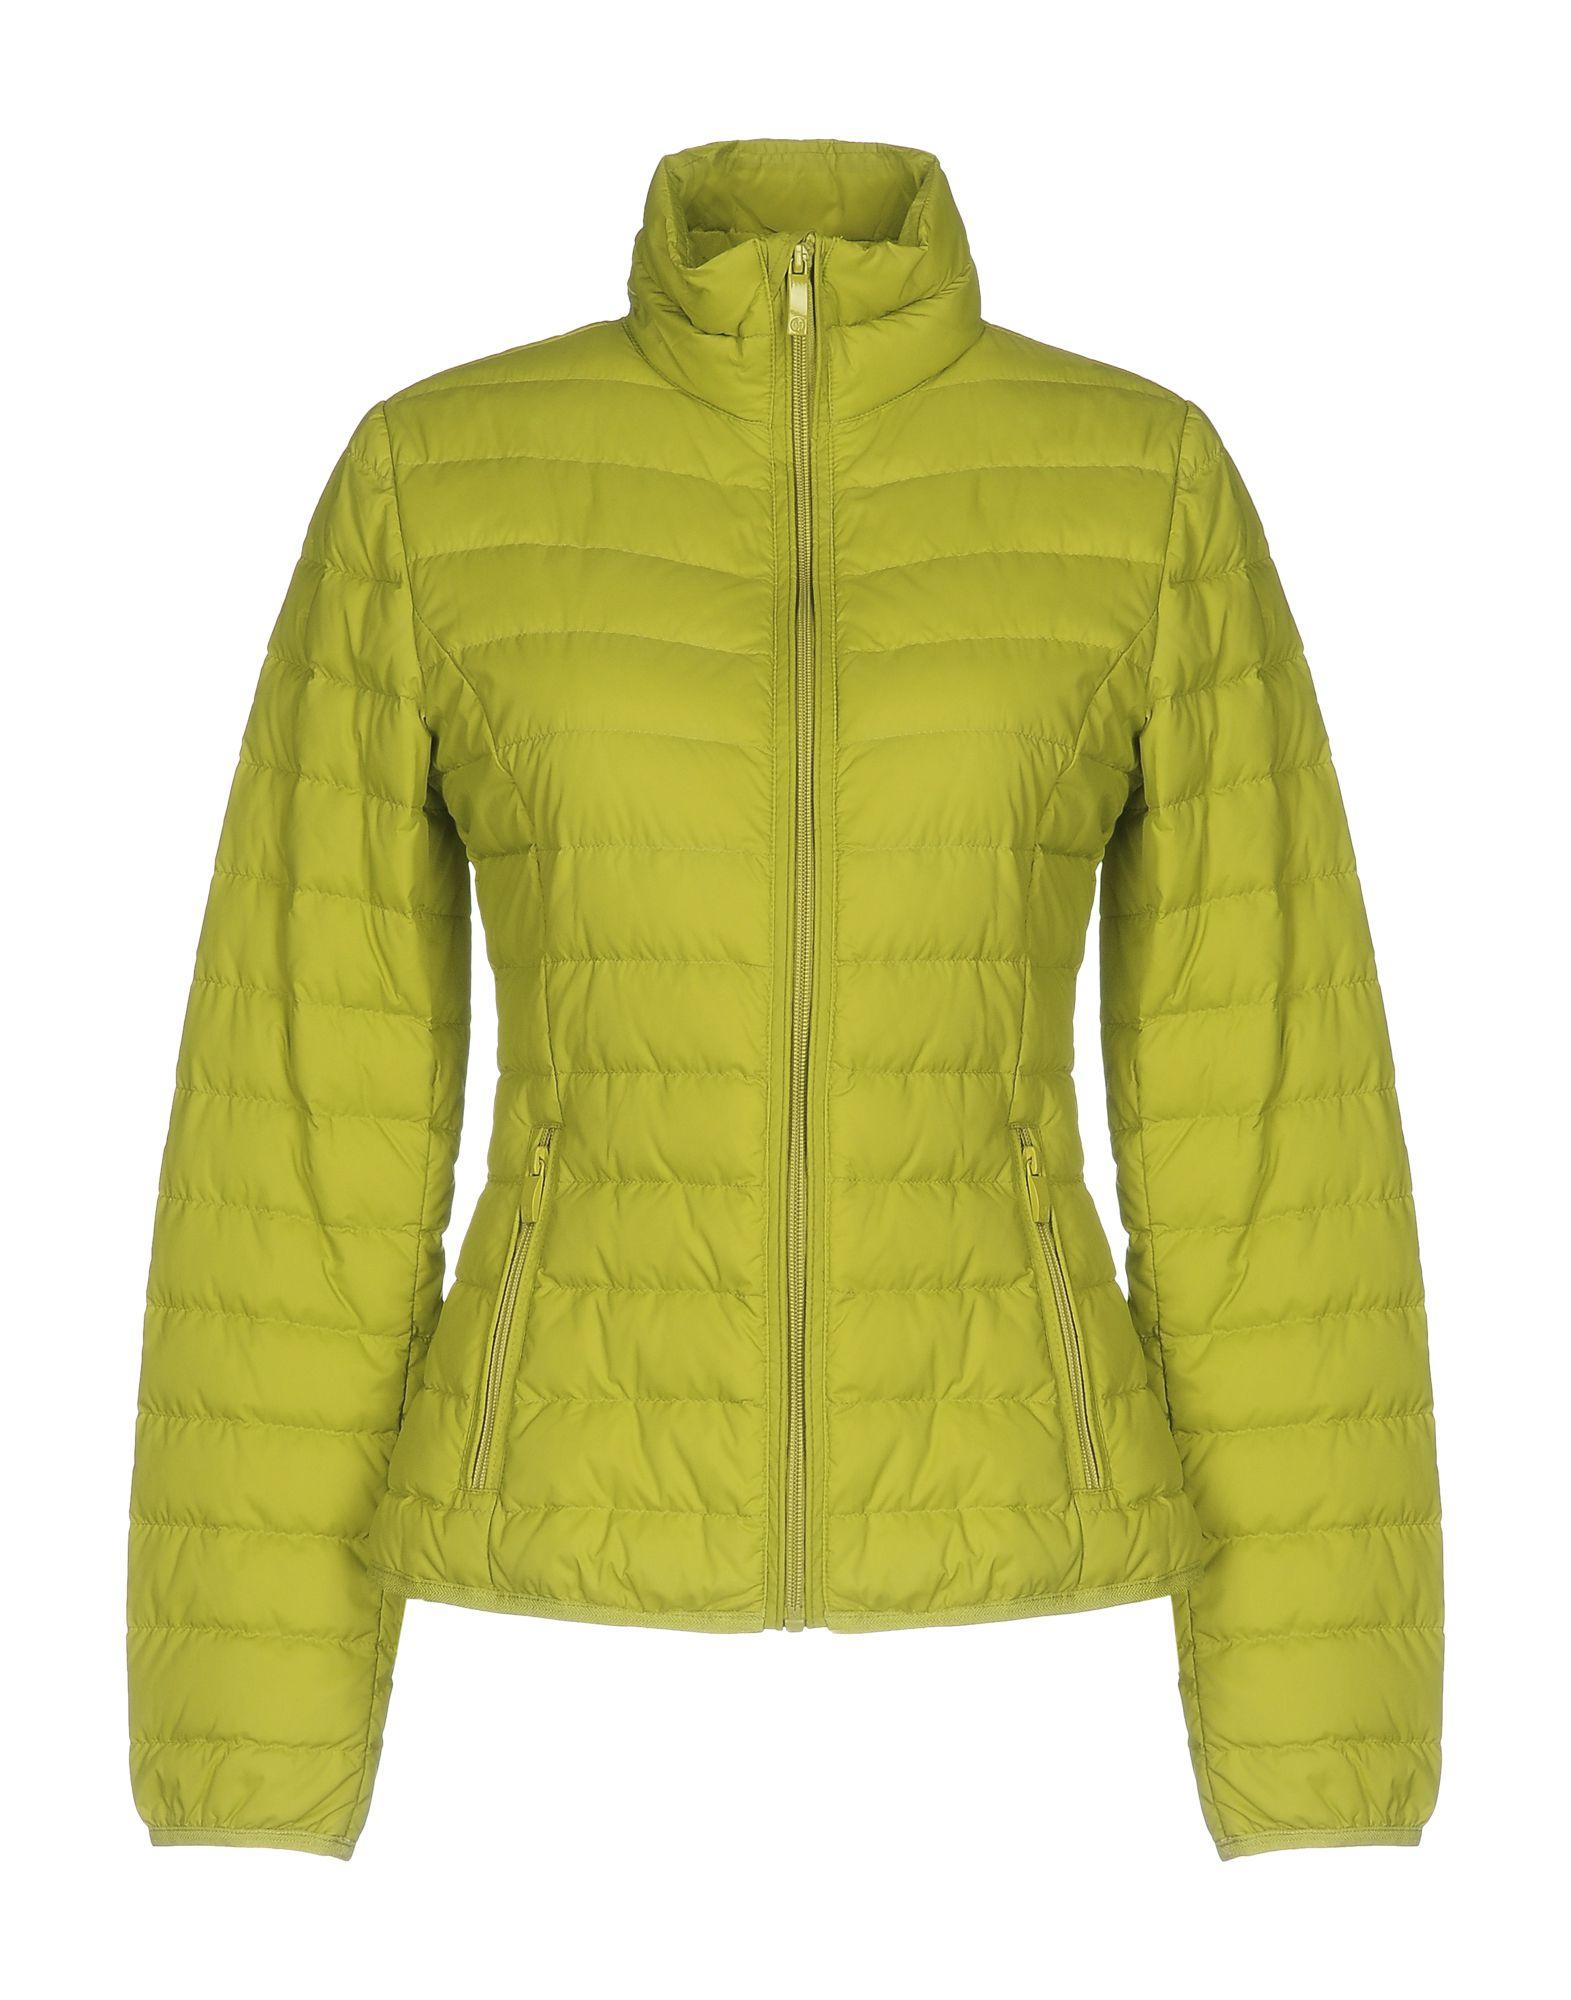 Piumino Armani Jeans Donna - Acquista online su 9Fsj90Qf